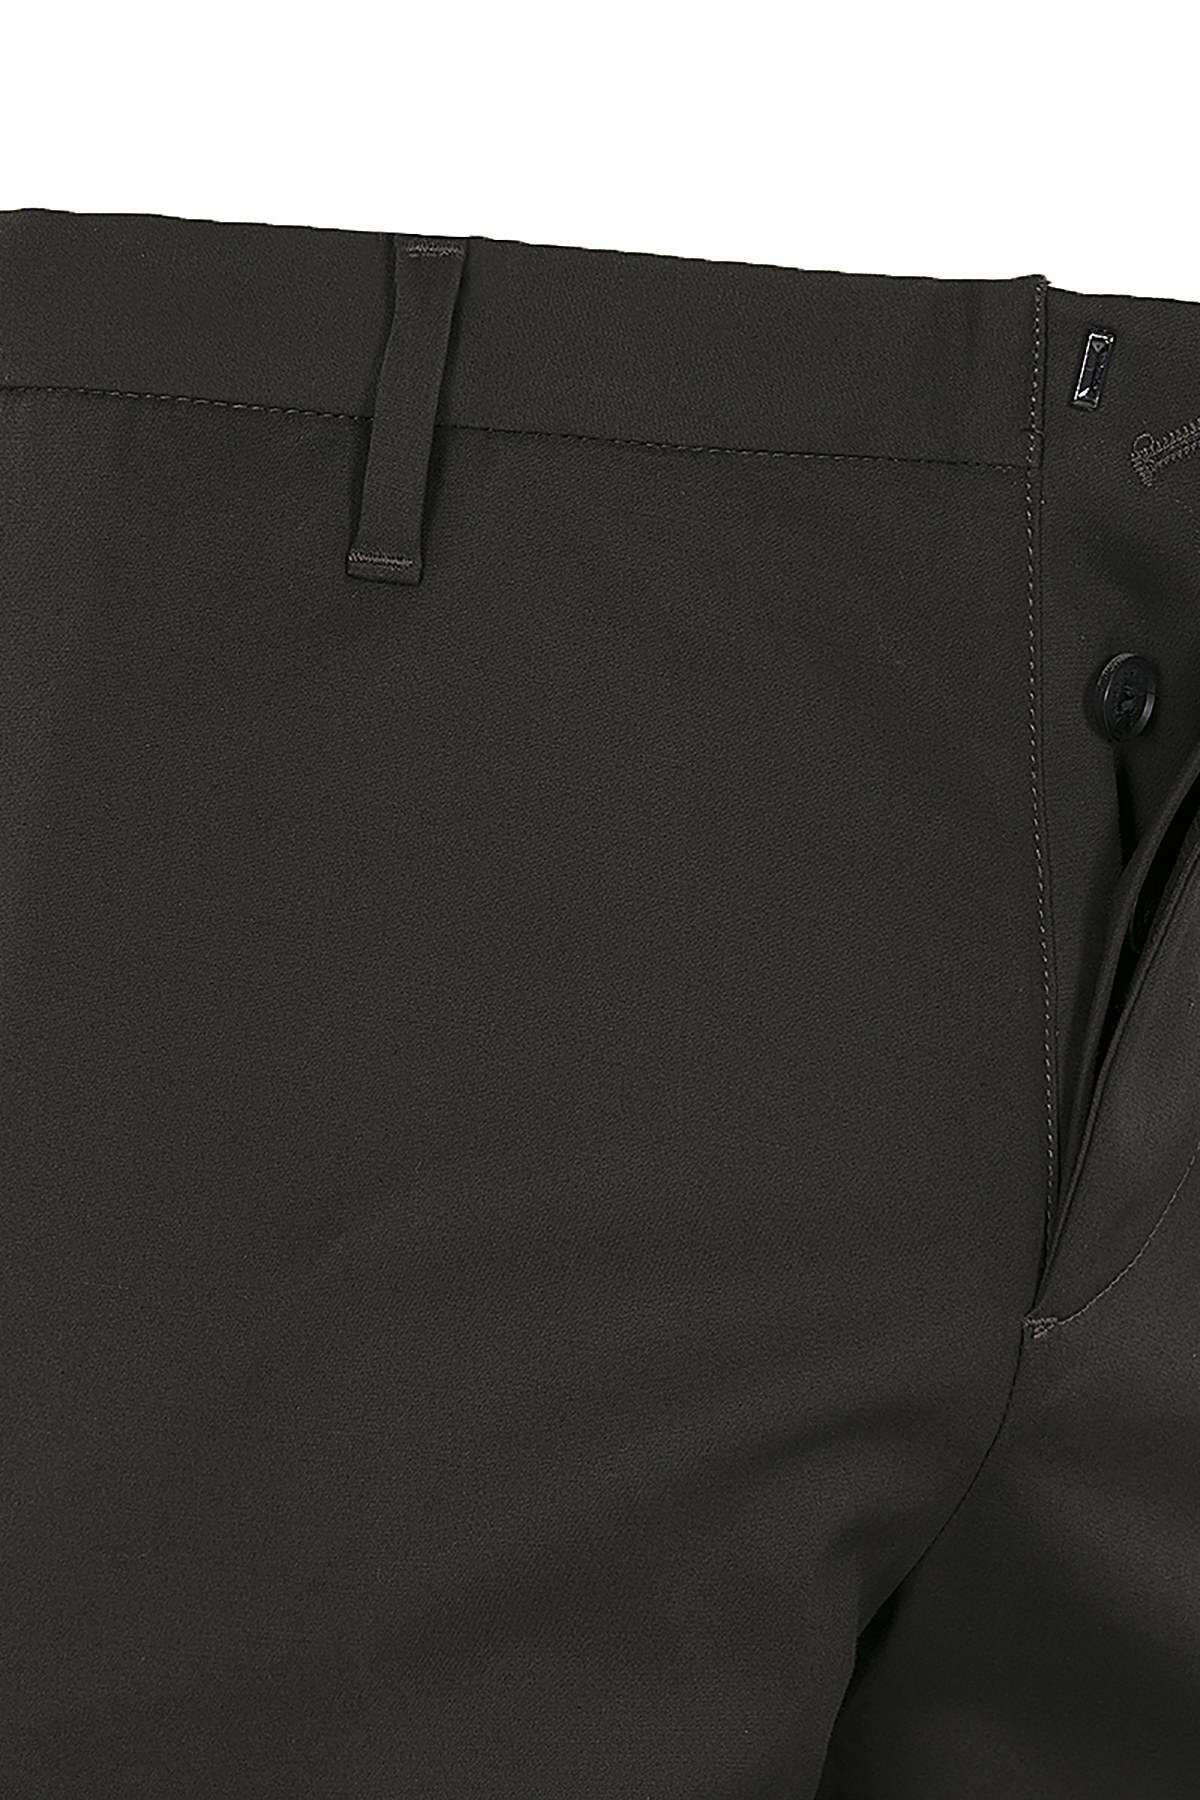 EMPORIO ARMANI Erkek Pantolon 6Z1PN6 1NGCZ 0586 HAKİ